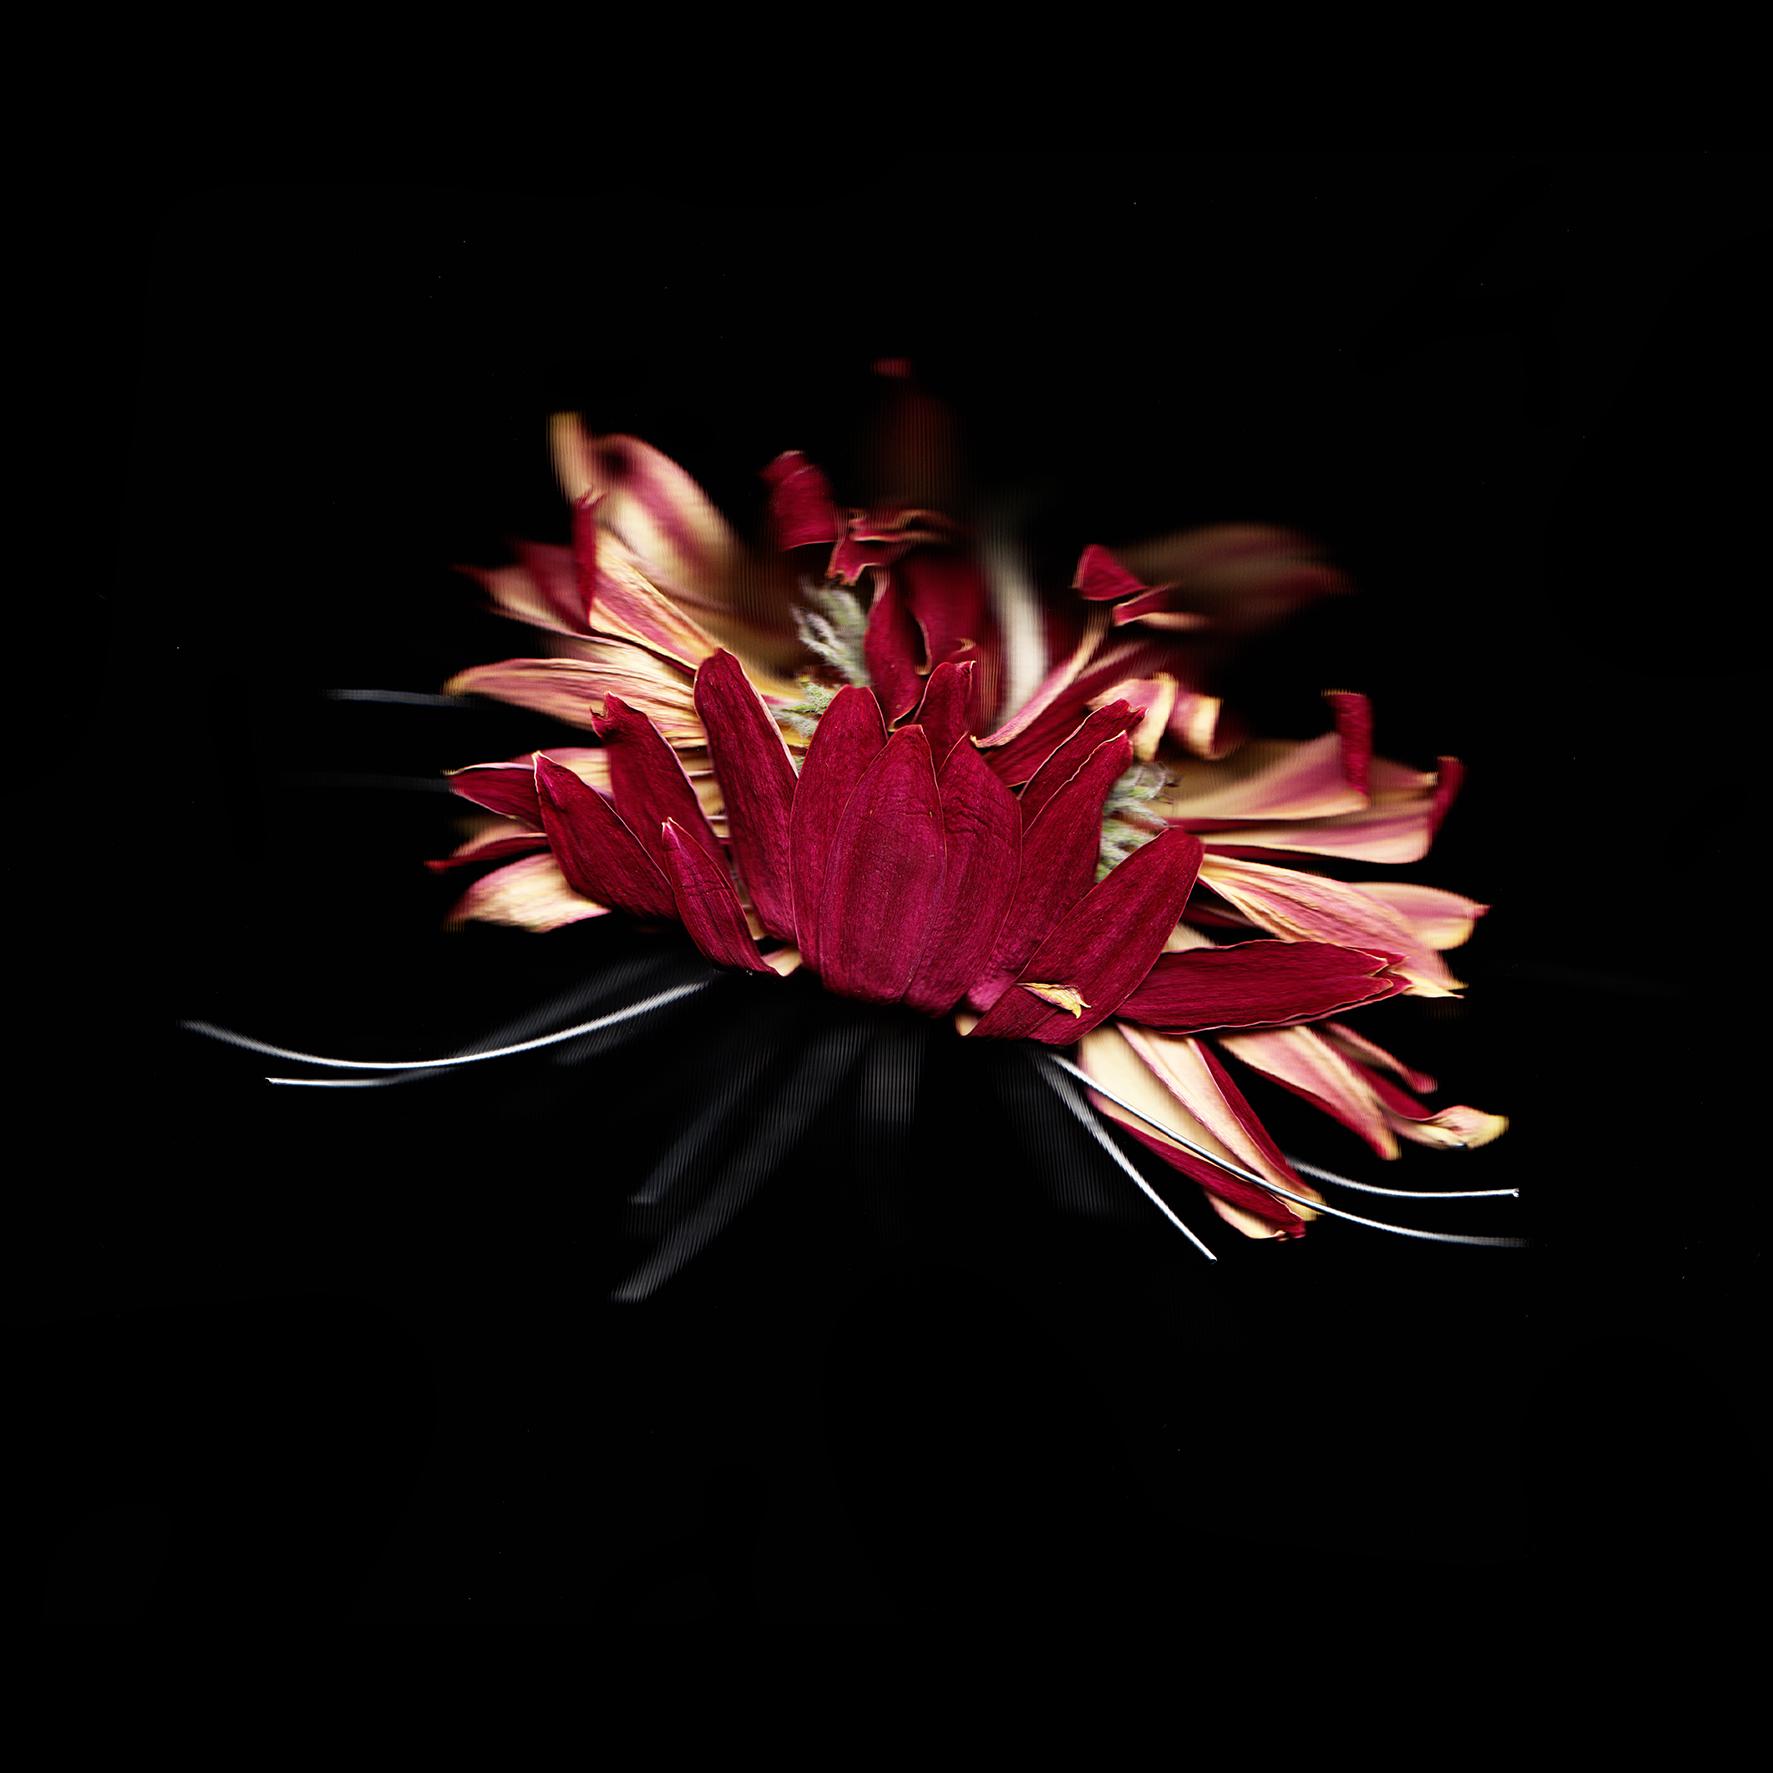 digital organism_flower.jpg